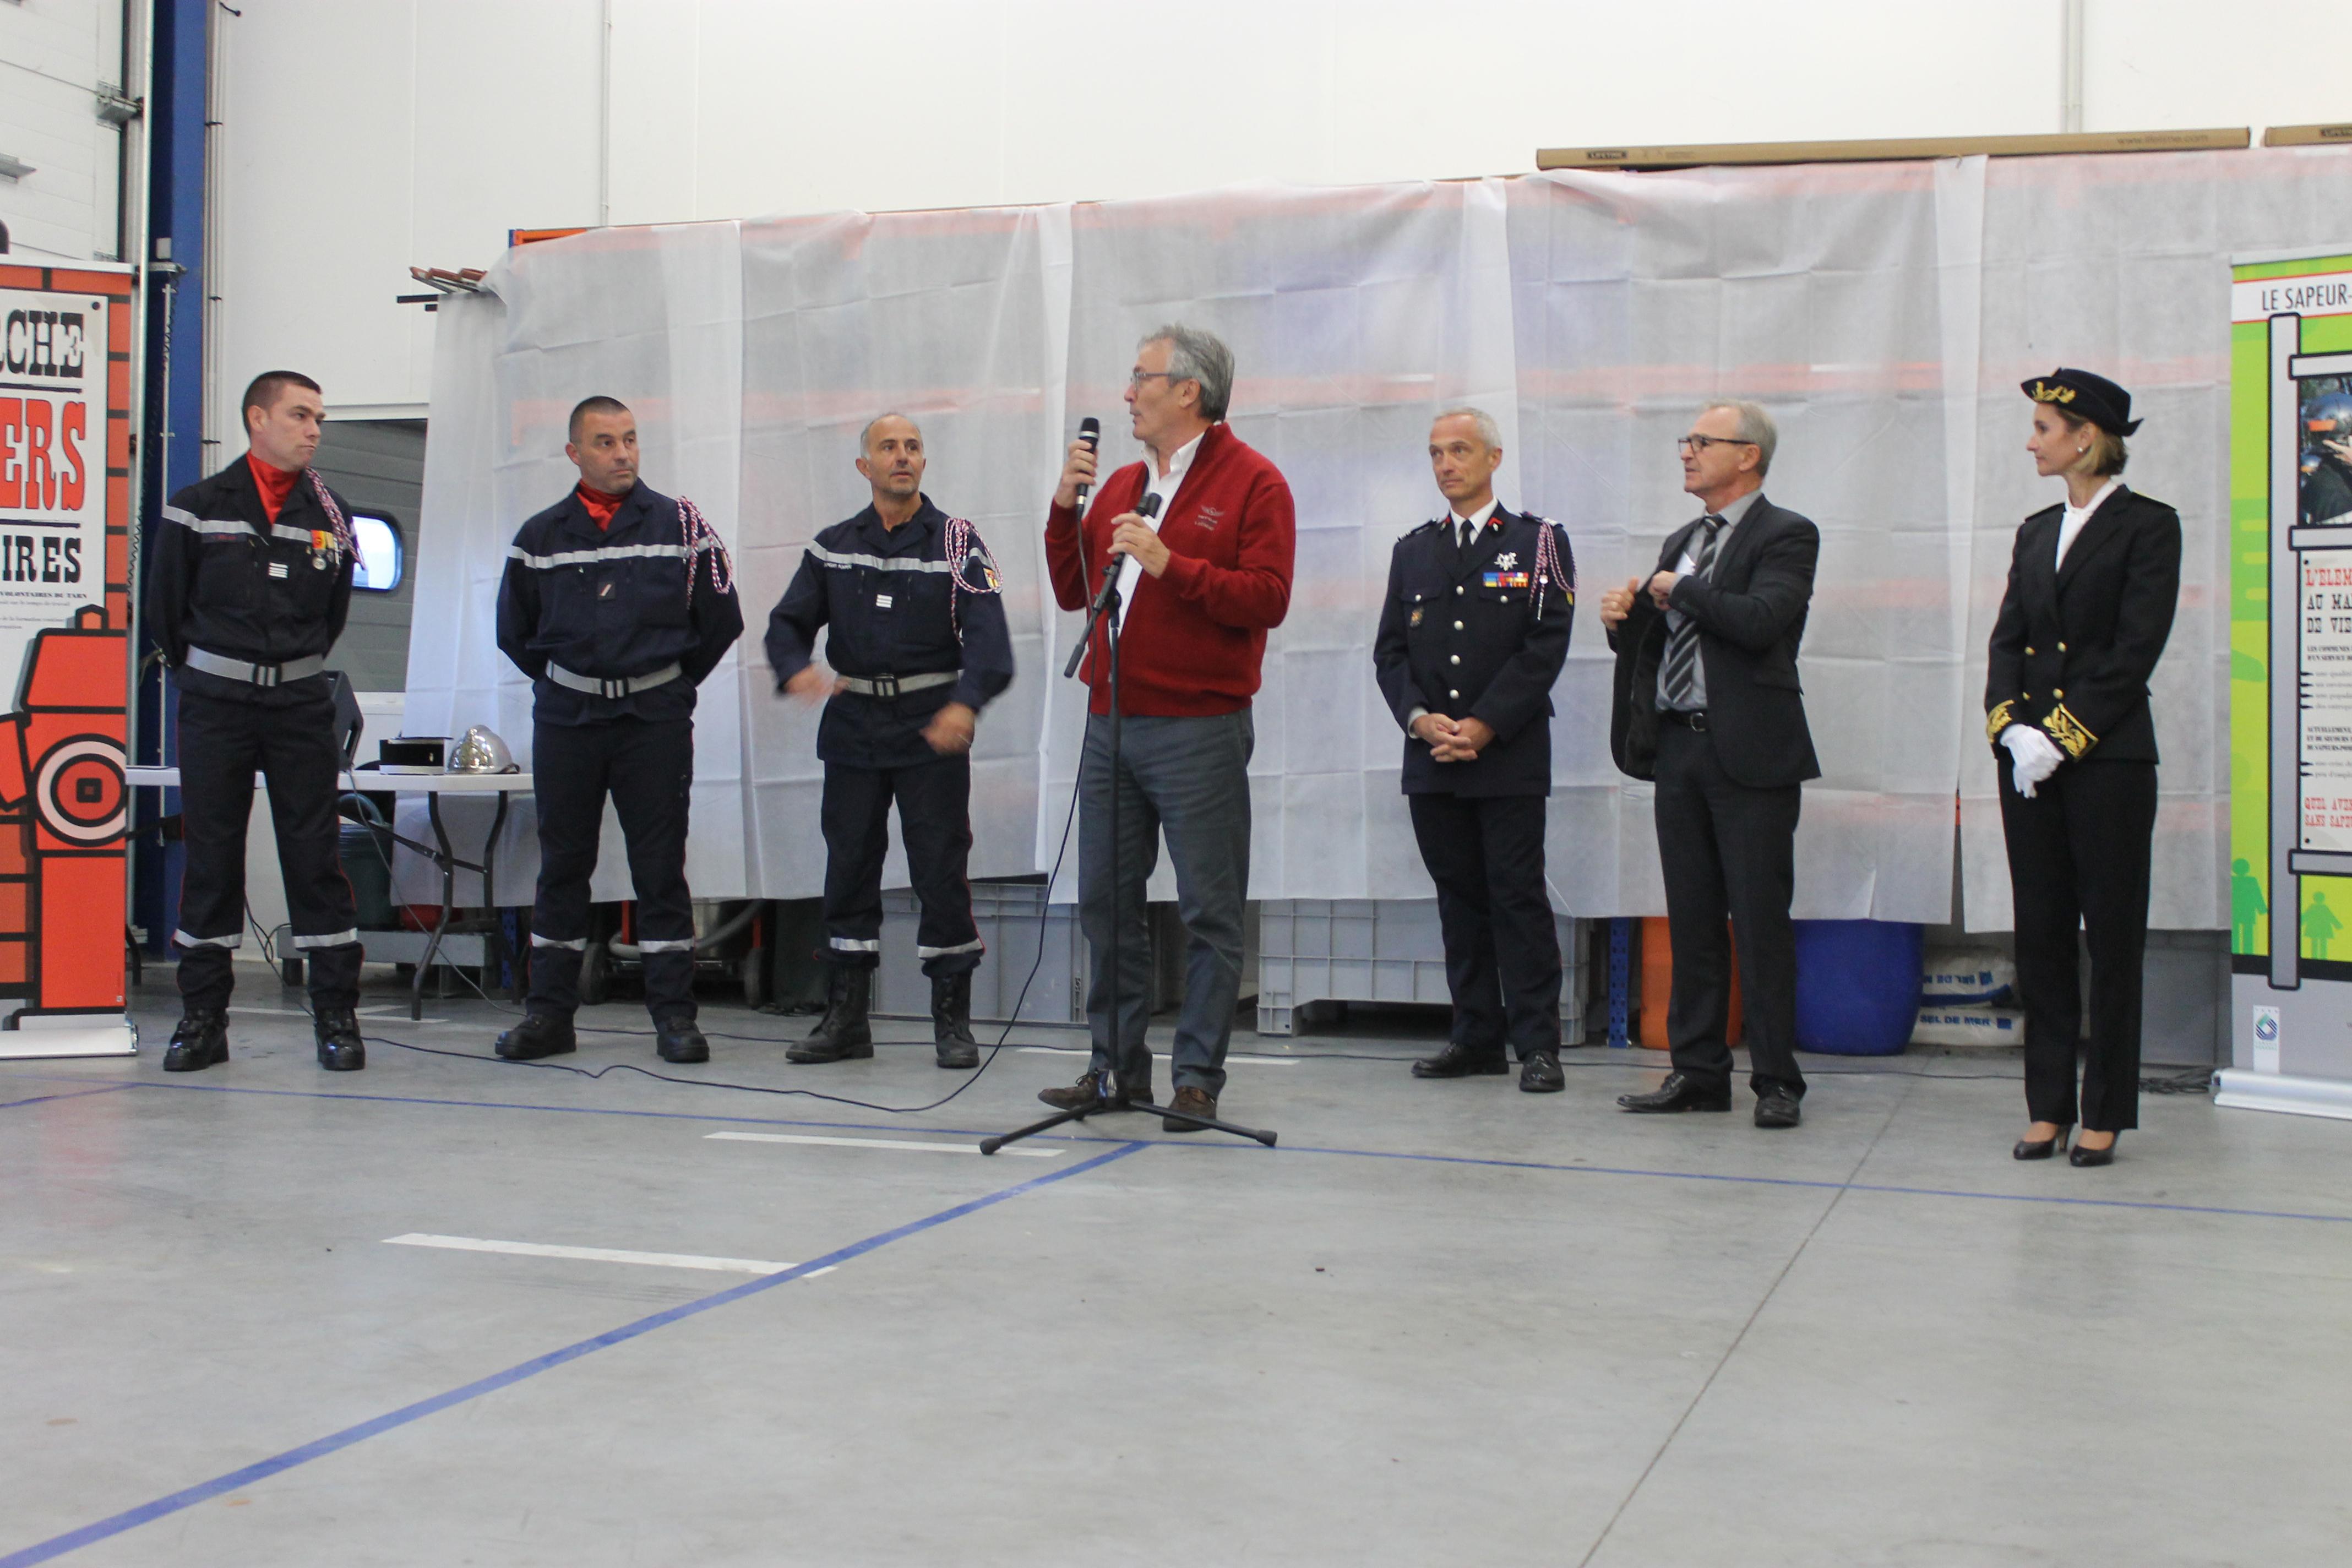 Passation de commandement au centre d'incendie et de secours de Réalmont